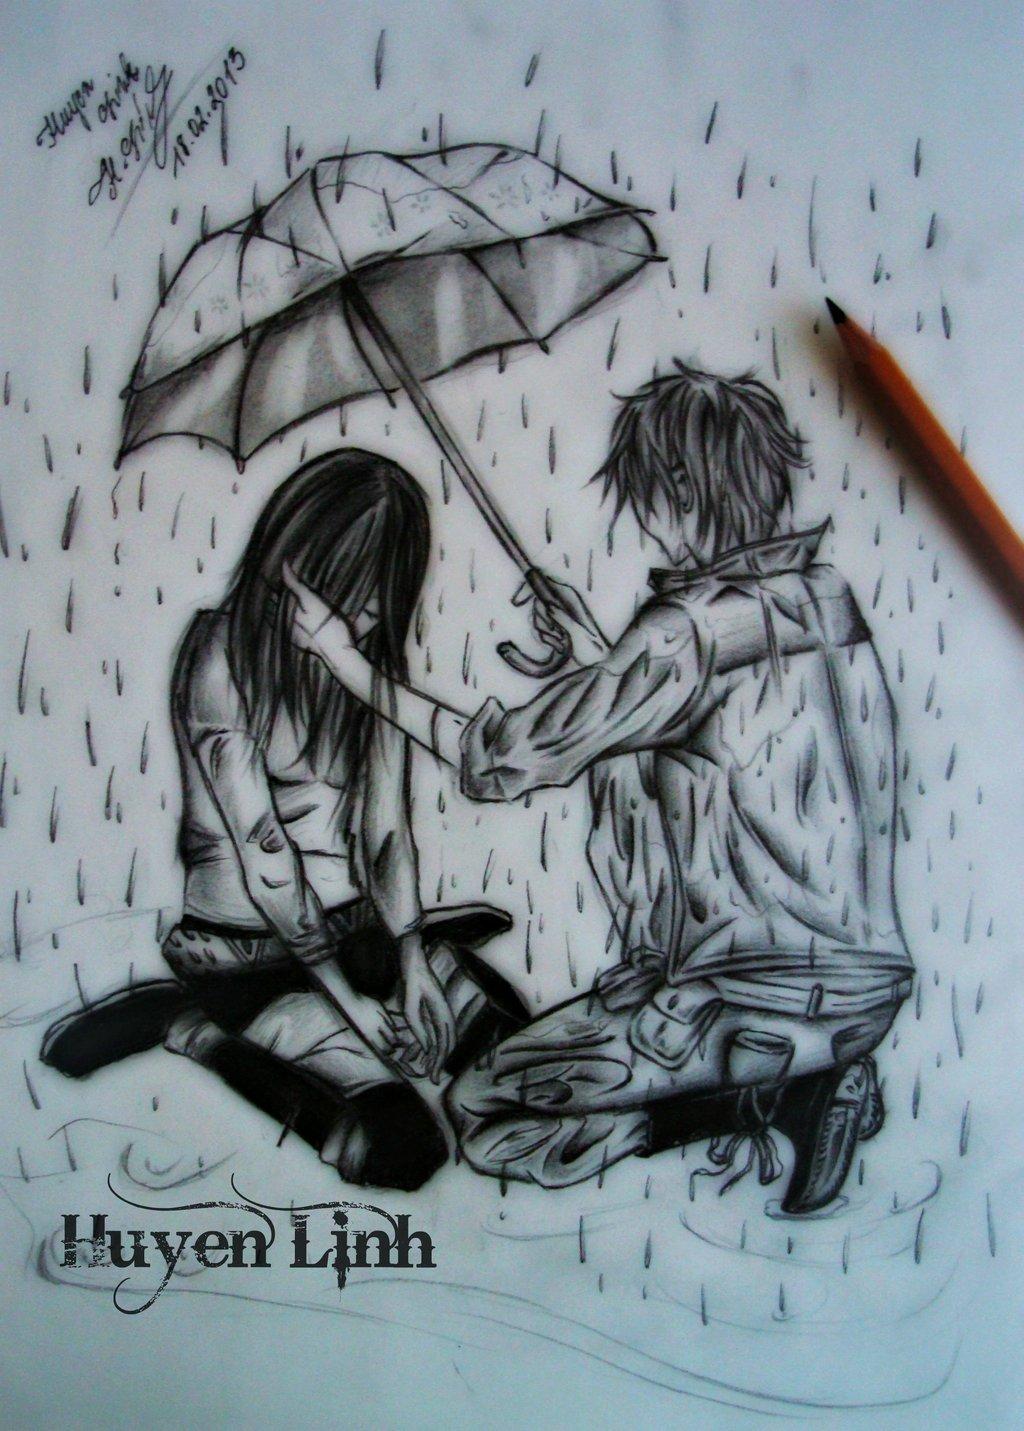 Drawn rain alone boy By Linh DeviantArt Linh Huyen